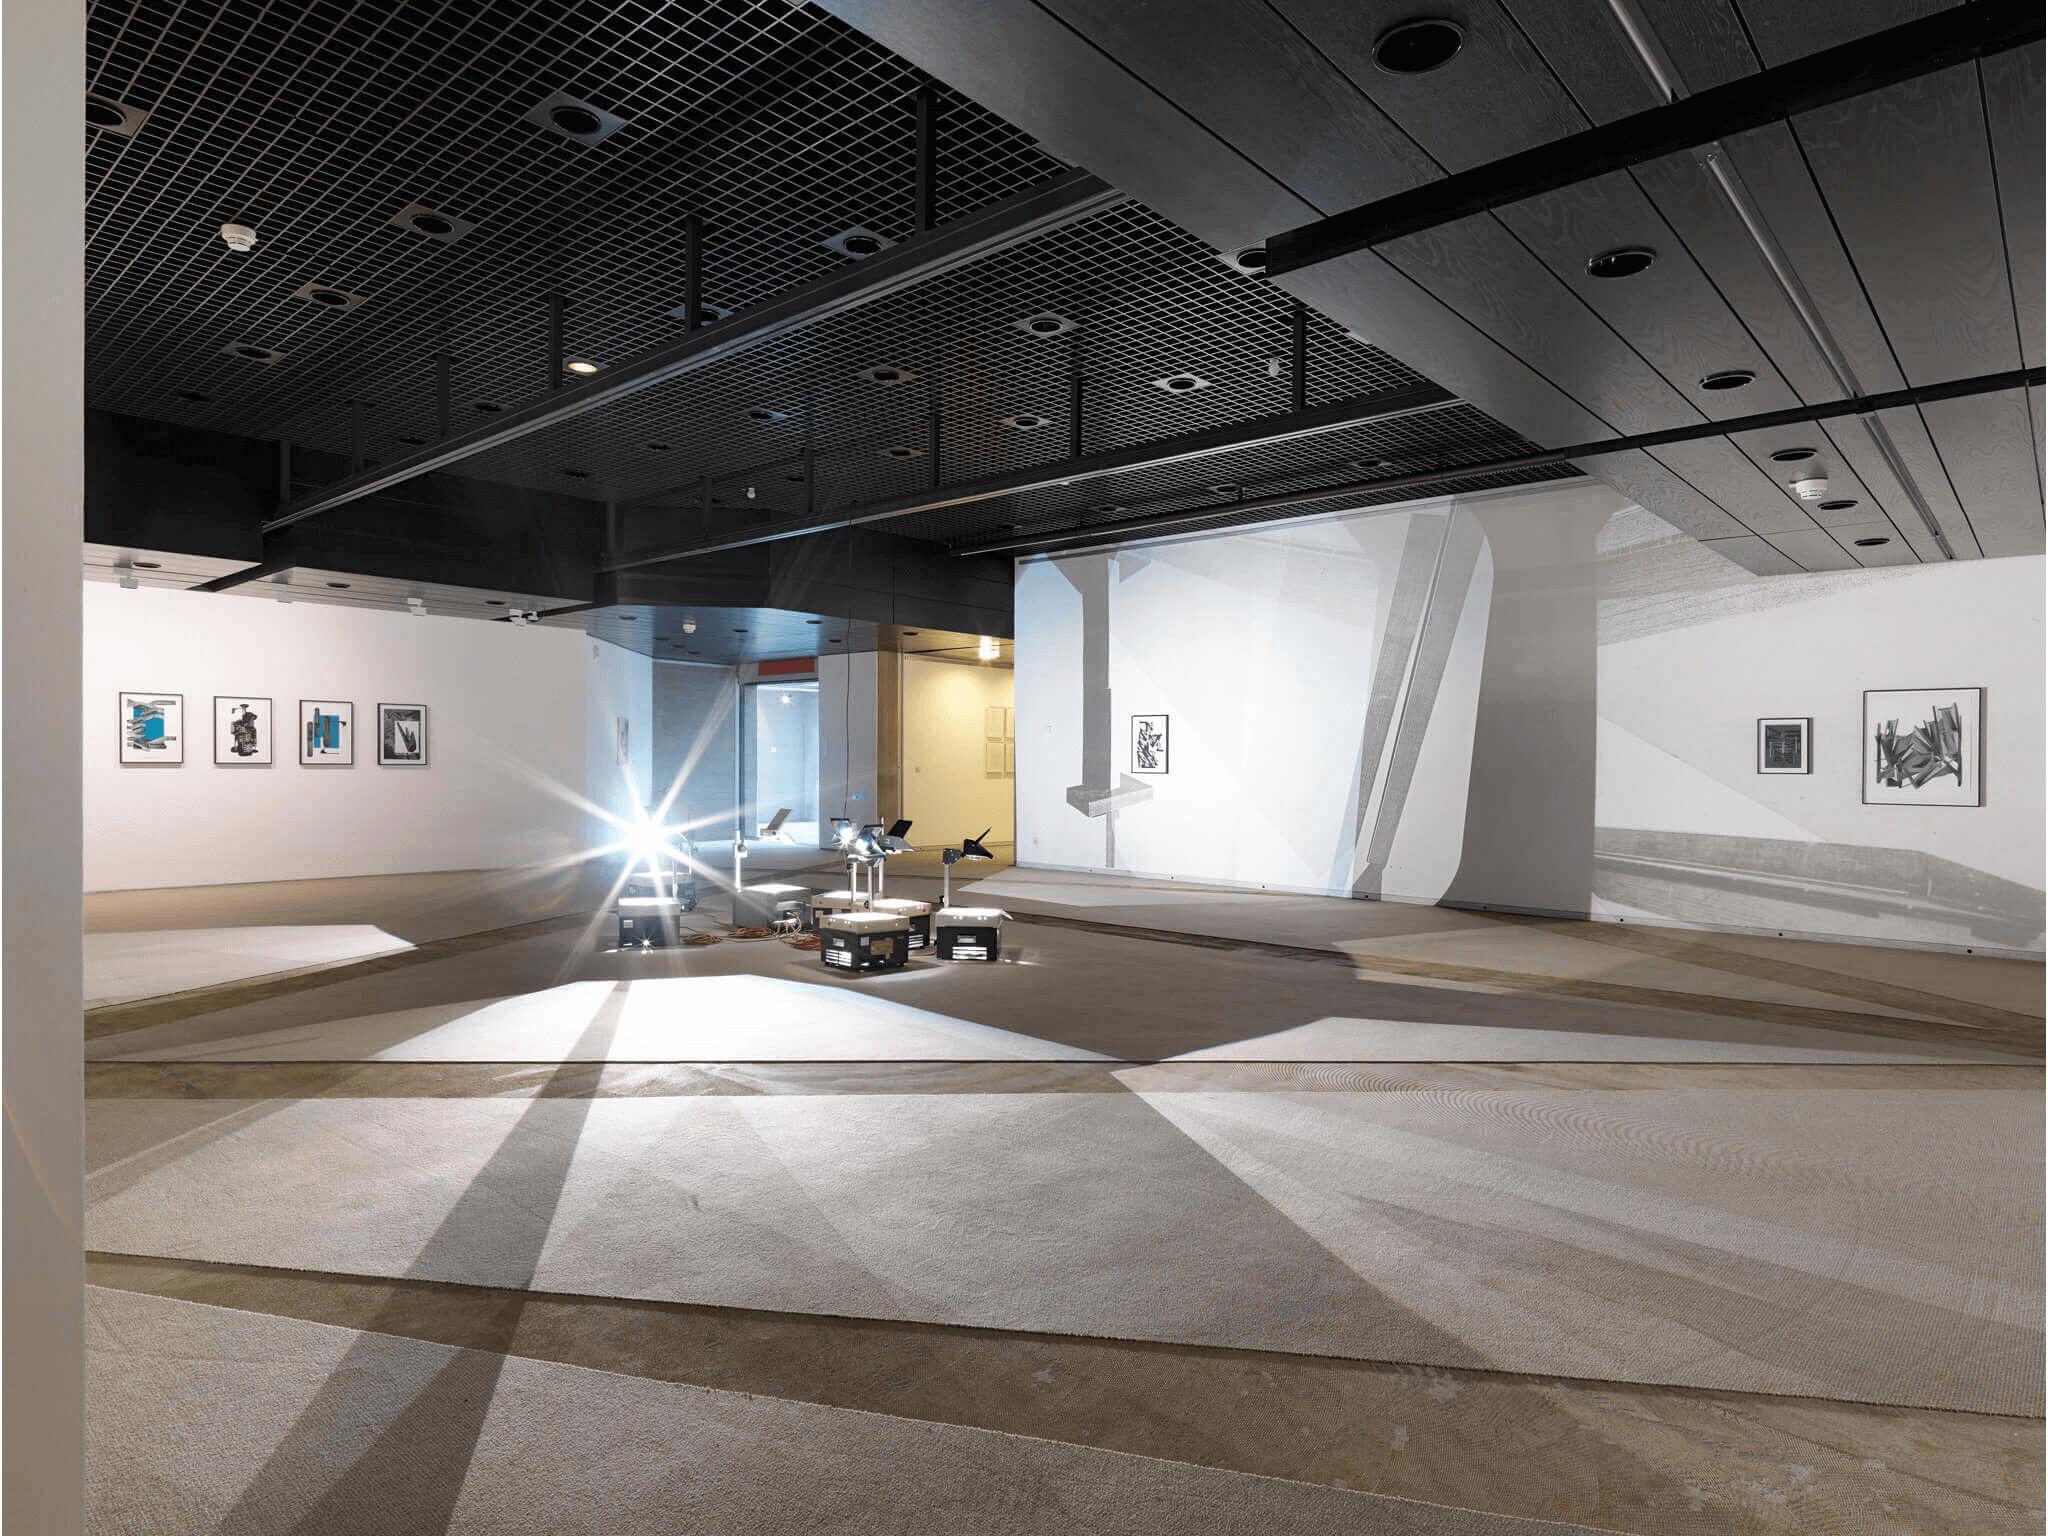 56_Frauke-Dannert_Installation_Viermal-Neues-auf-Papier_2015_Sprengel-Museum-Hannover